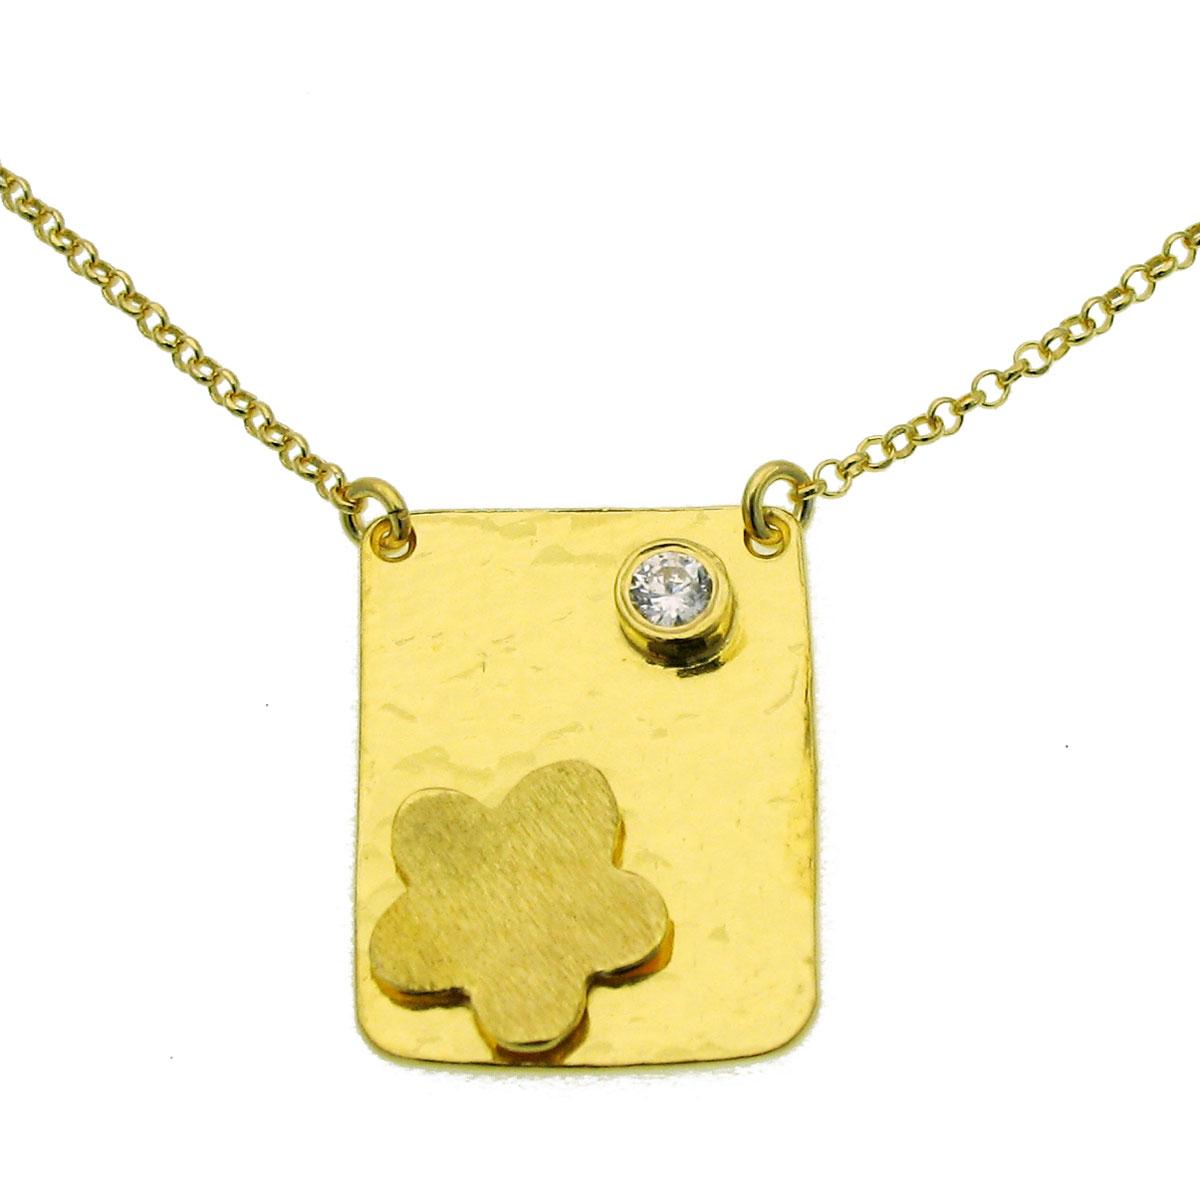 Χειροποίητο κολιέ (Λουλούδι) από επιχρυσωμένο ασήμι 925ο με ημιπολύτιμες  πέτρες (Ζιργκόν).  IJ-040002  fd376c4ba05